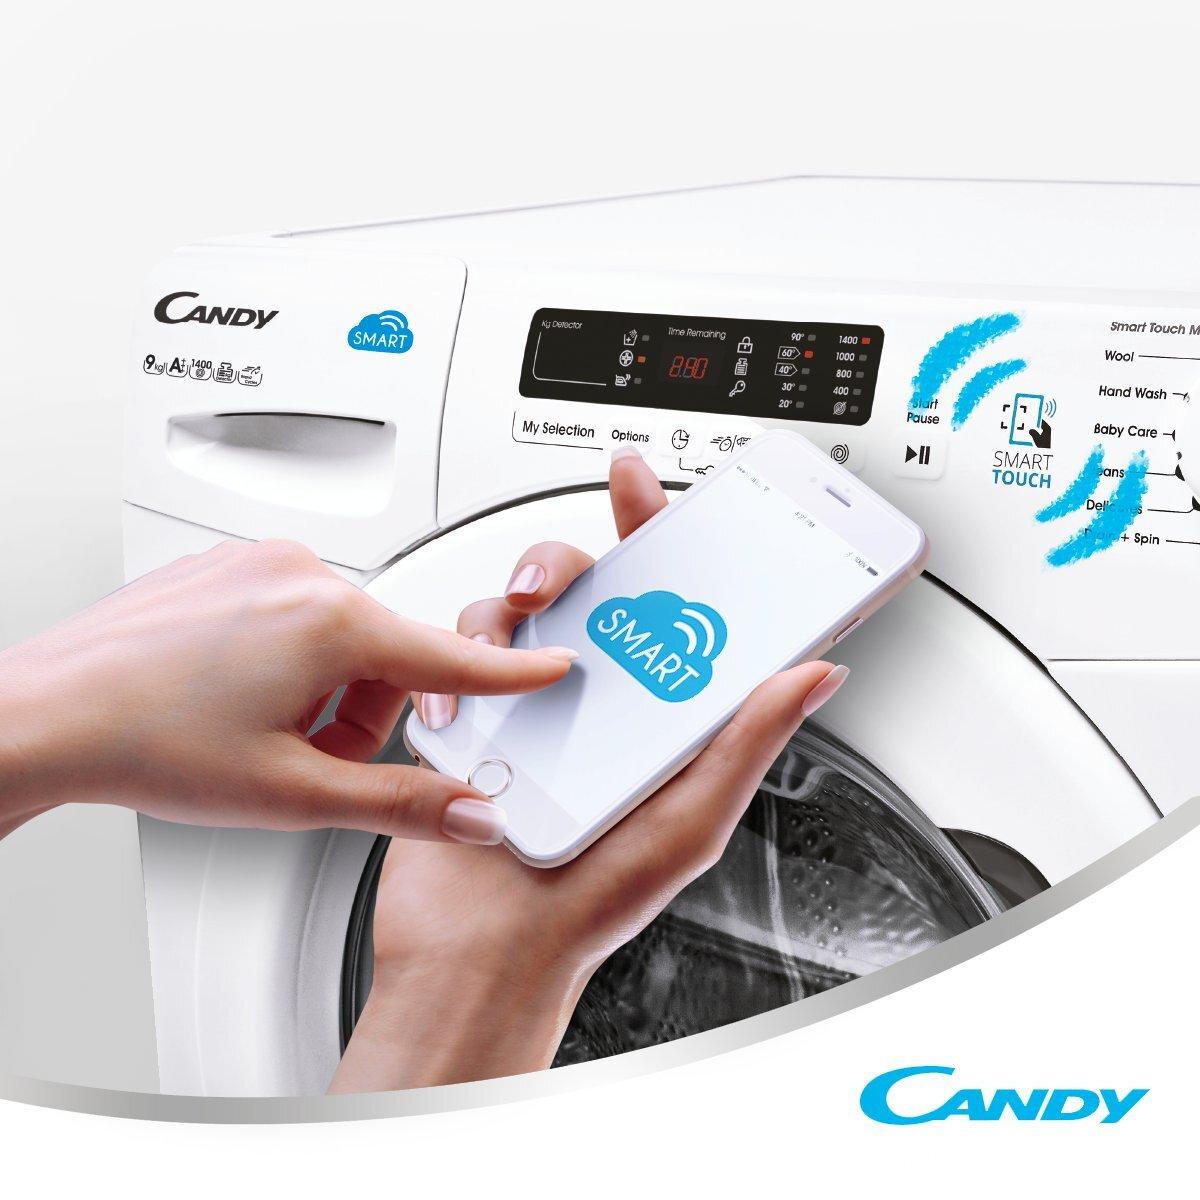 Máy giặt Candy có giá thành khá rẻ so với các hãng máy giặt khác